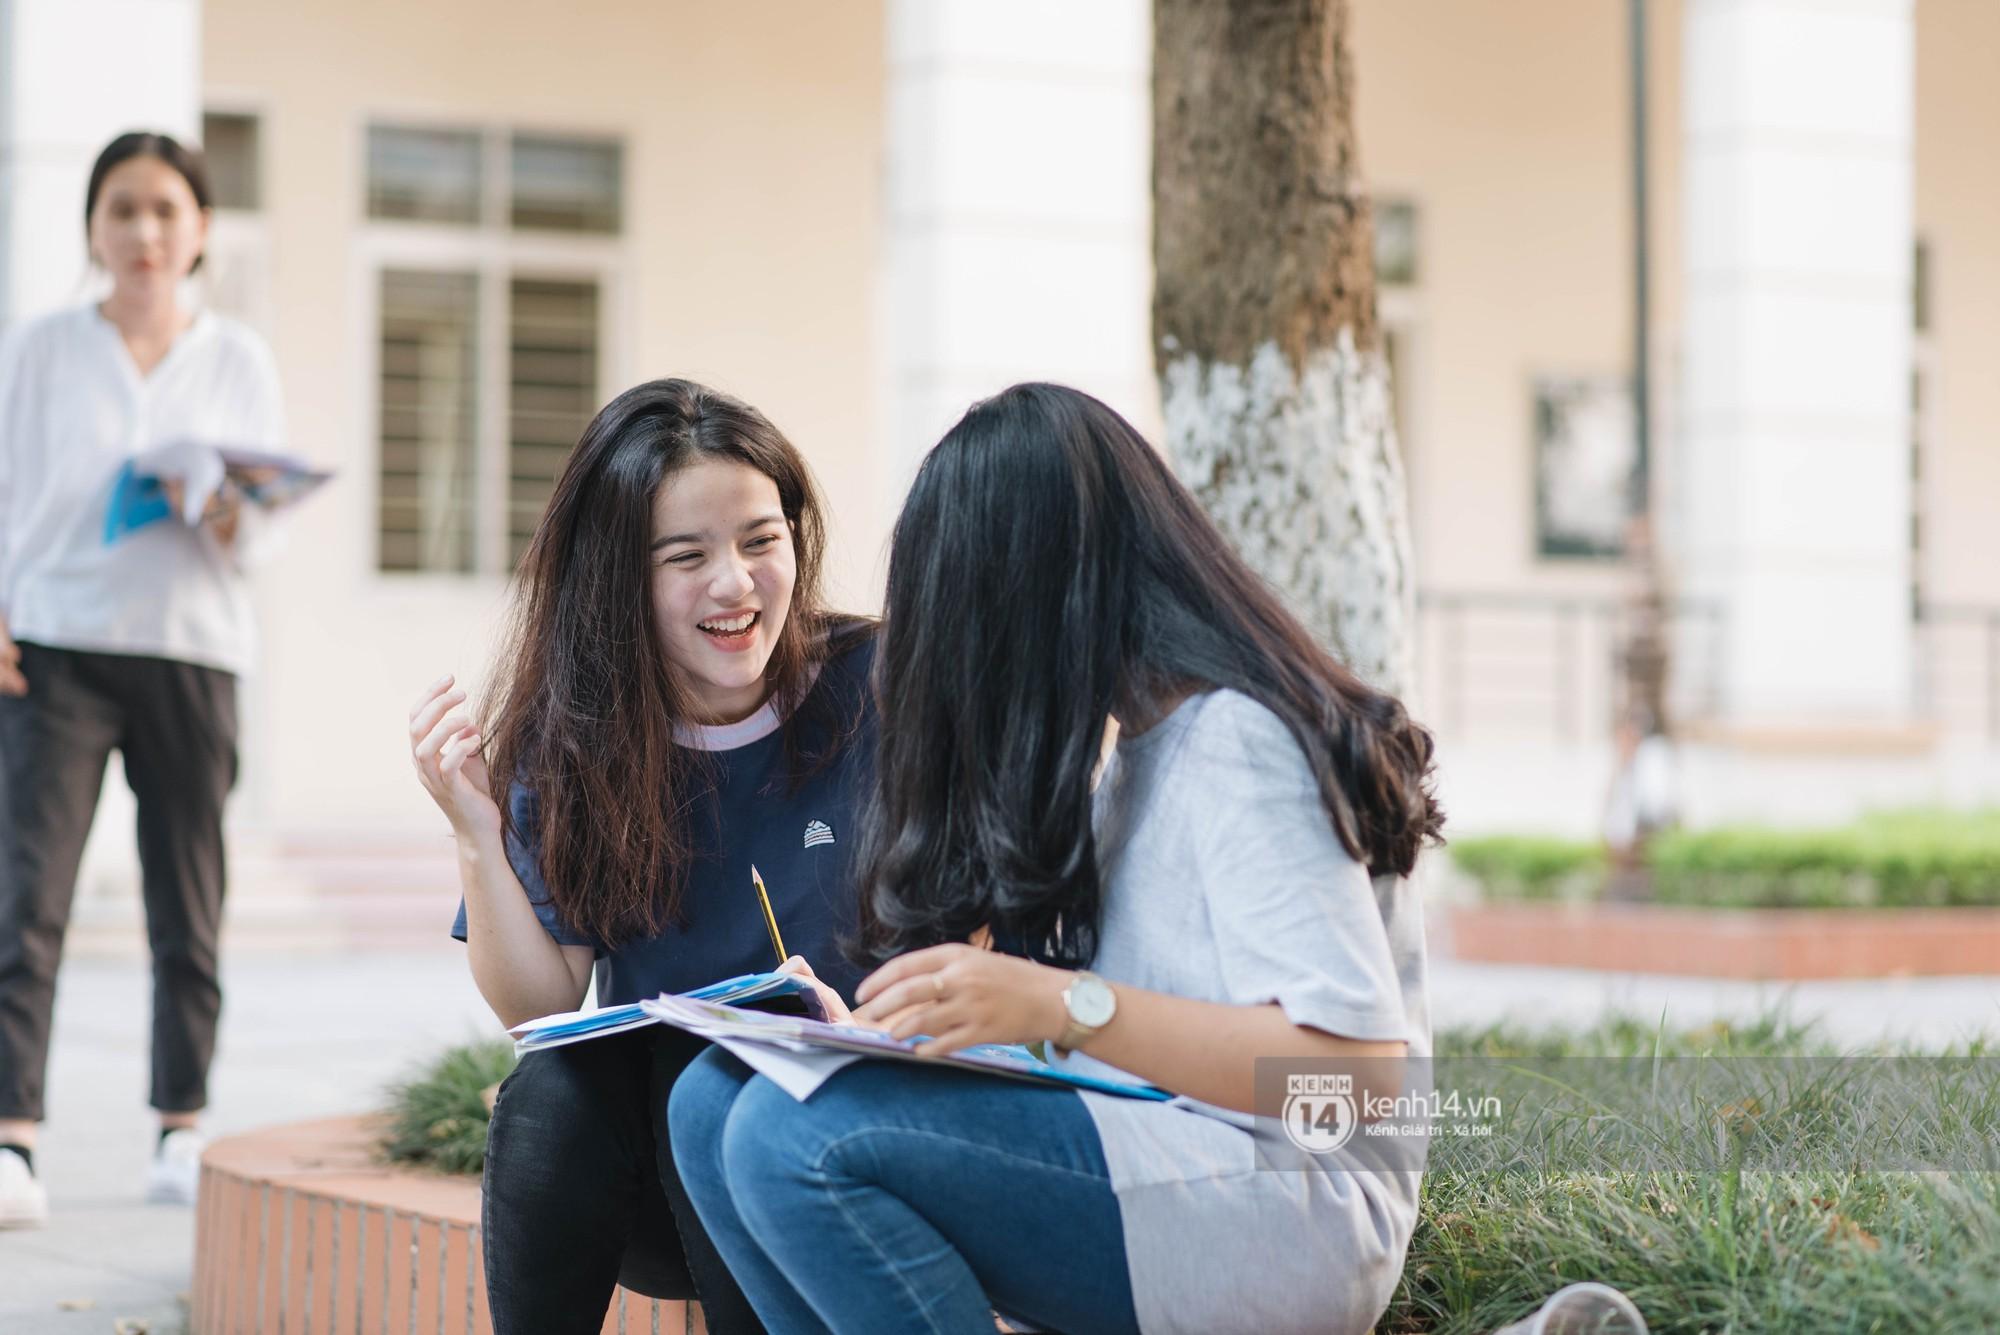 """Cận cảnh nhan sắc """"cực phẩm"""" của nữ sinh Việt lai Nga gây sốt tại cổng trường Học viện Báo chí –Tuyên truyền - Ảnh 2"""